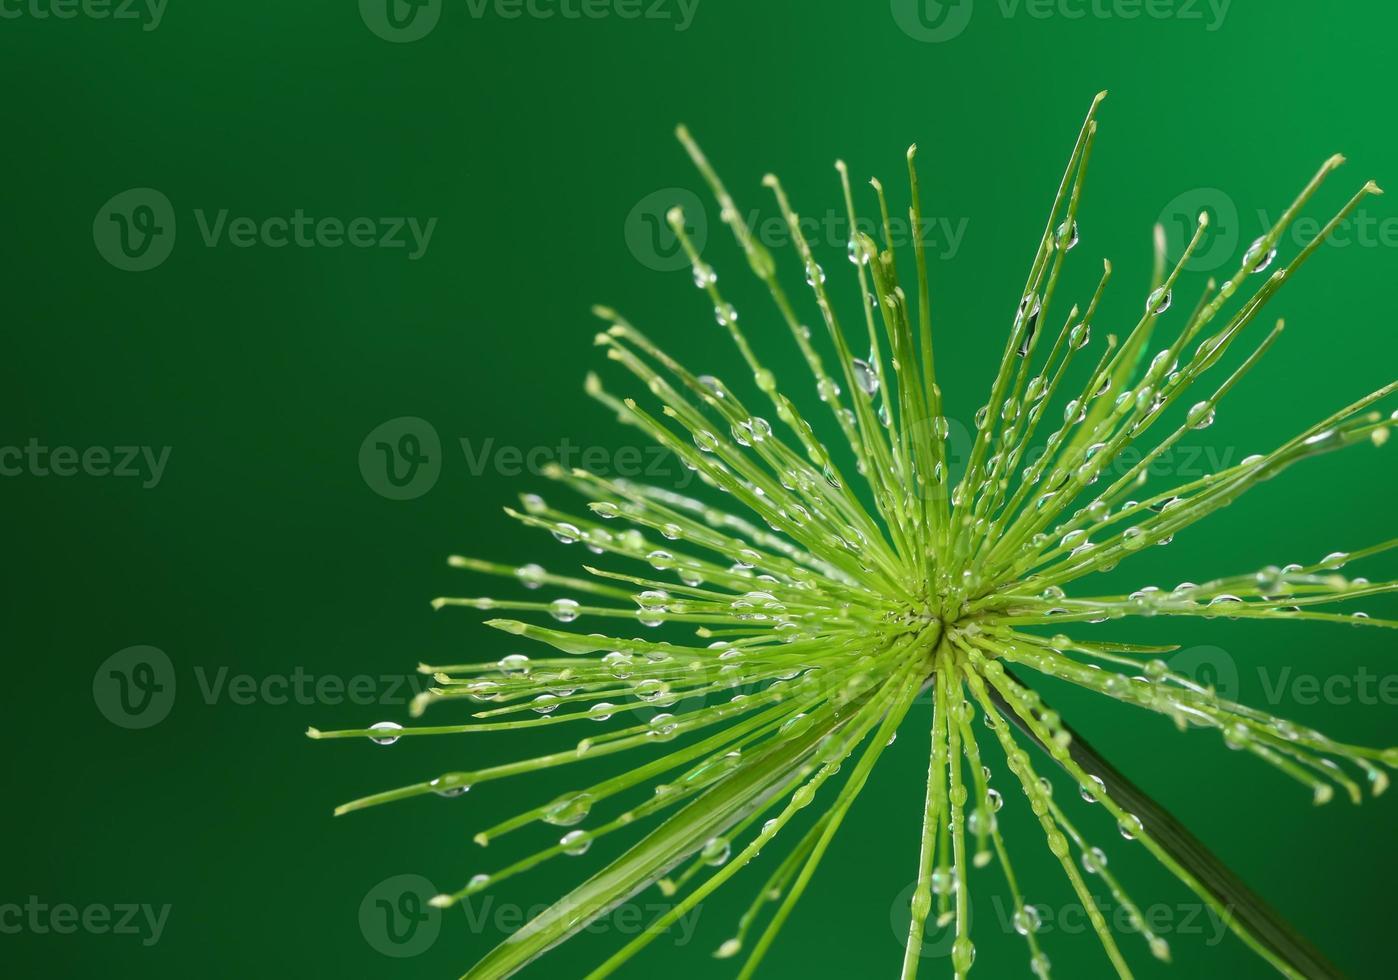 färsk växt med vattendroppar på grön bakgrund foto